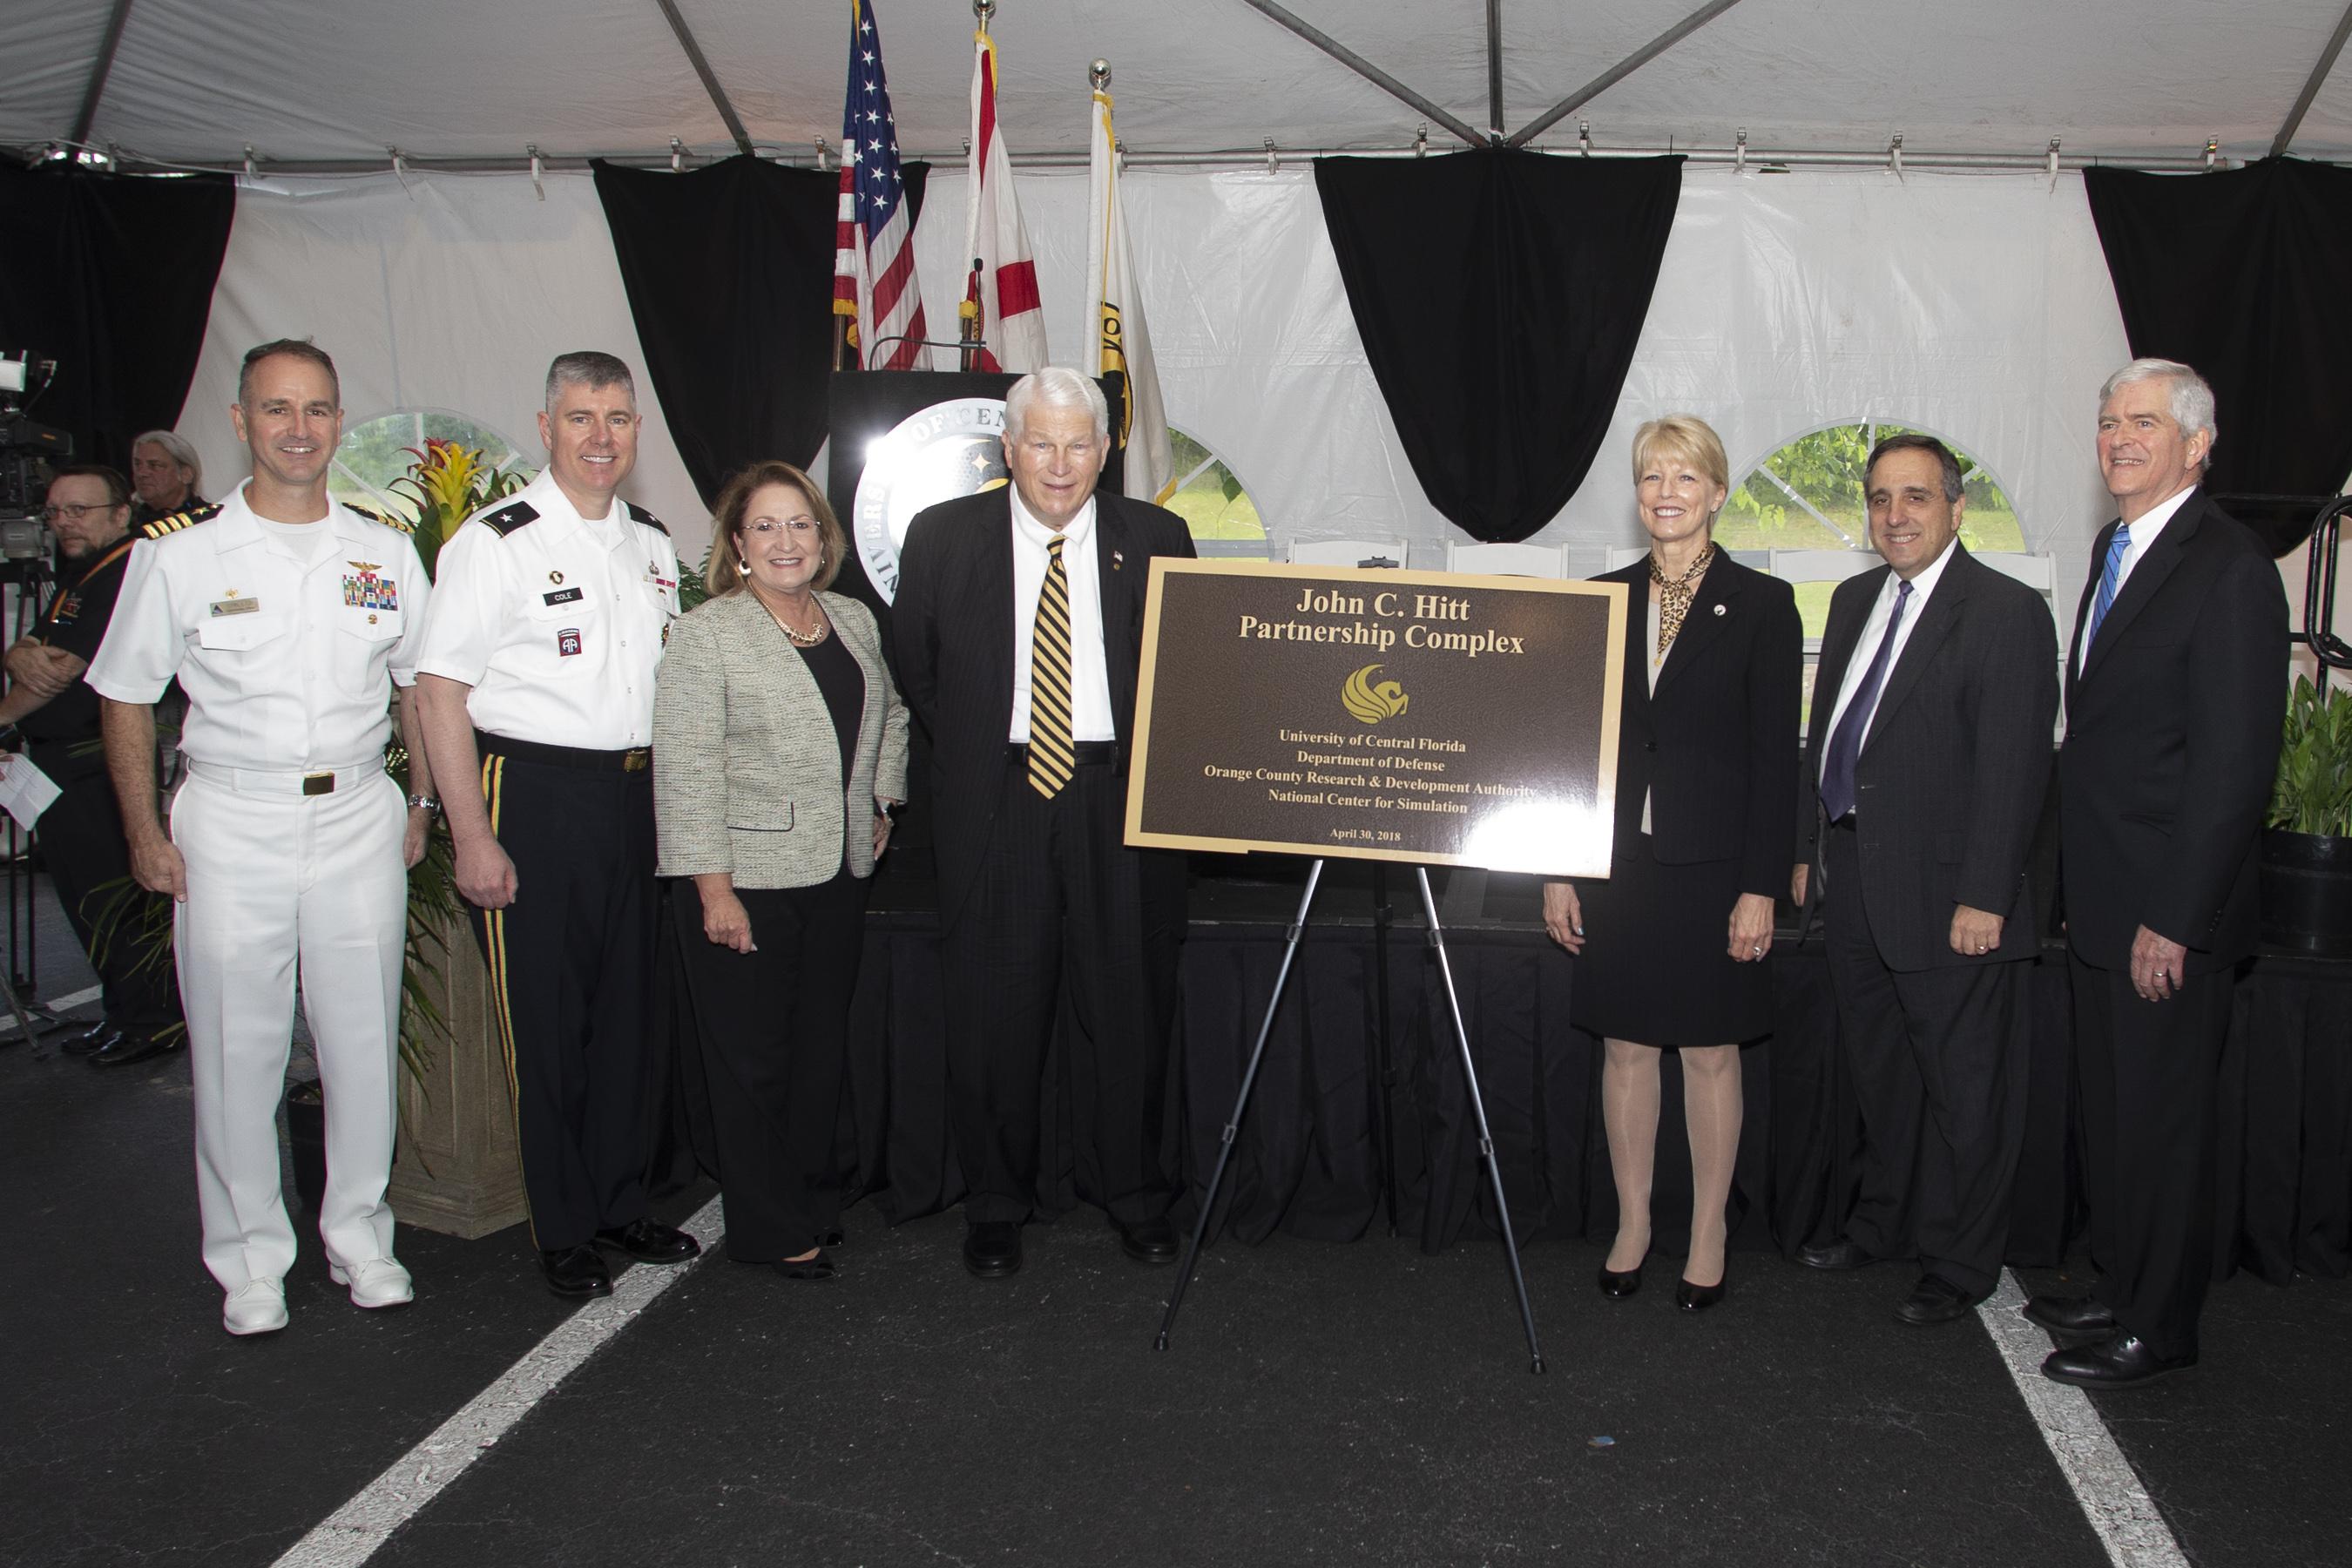 La Alcaldesa Jacobs, el Dr. Hitt y cinco otras personas posando para una foto